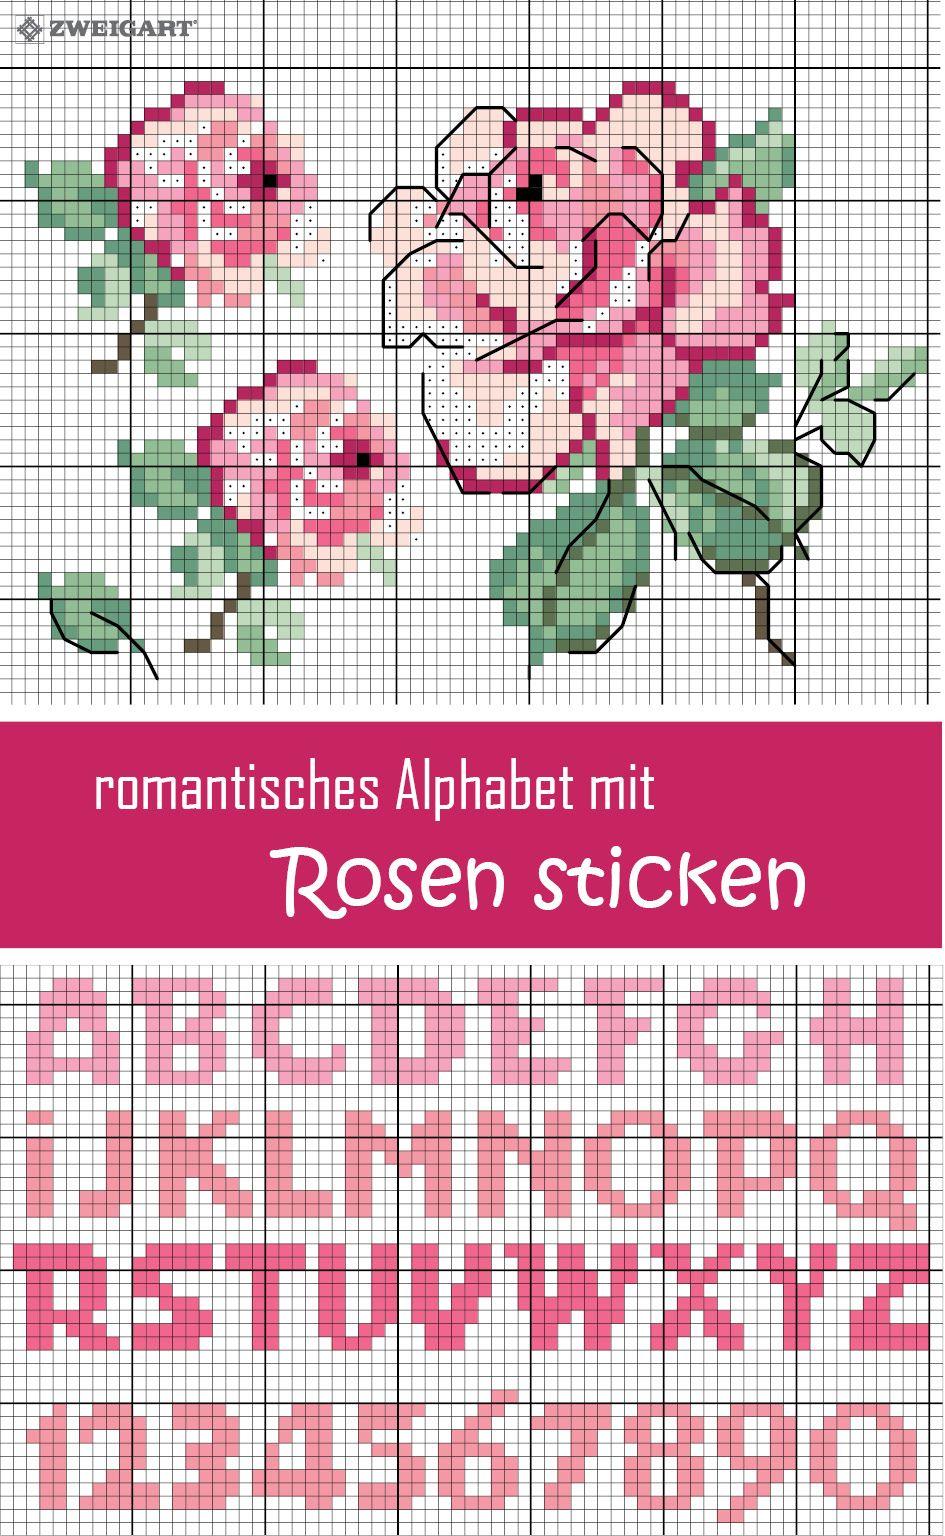 Alphabet mit rosen sticken entdecke zahlreiche kostenlose charts zum sticken kreuzstich - Sticken vorlagen kostenlos ...